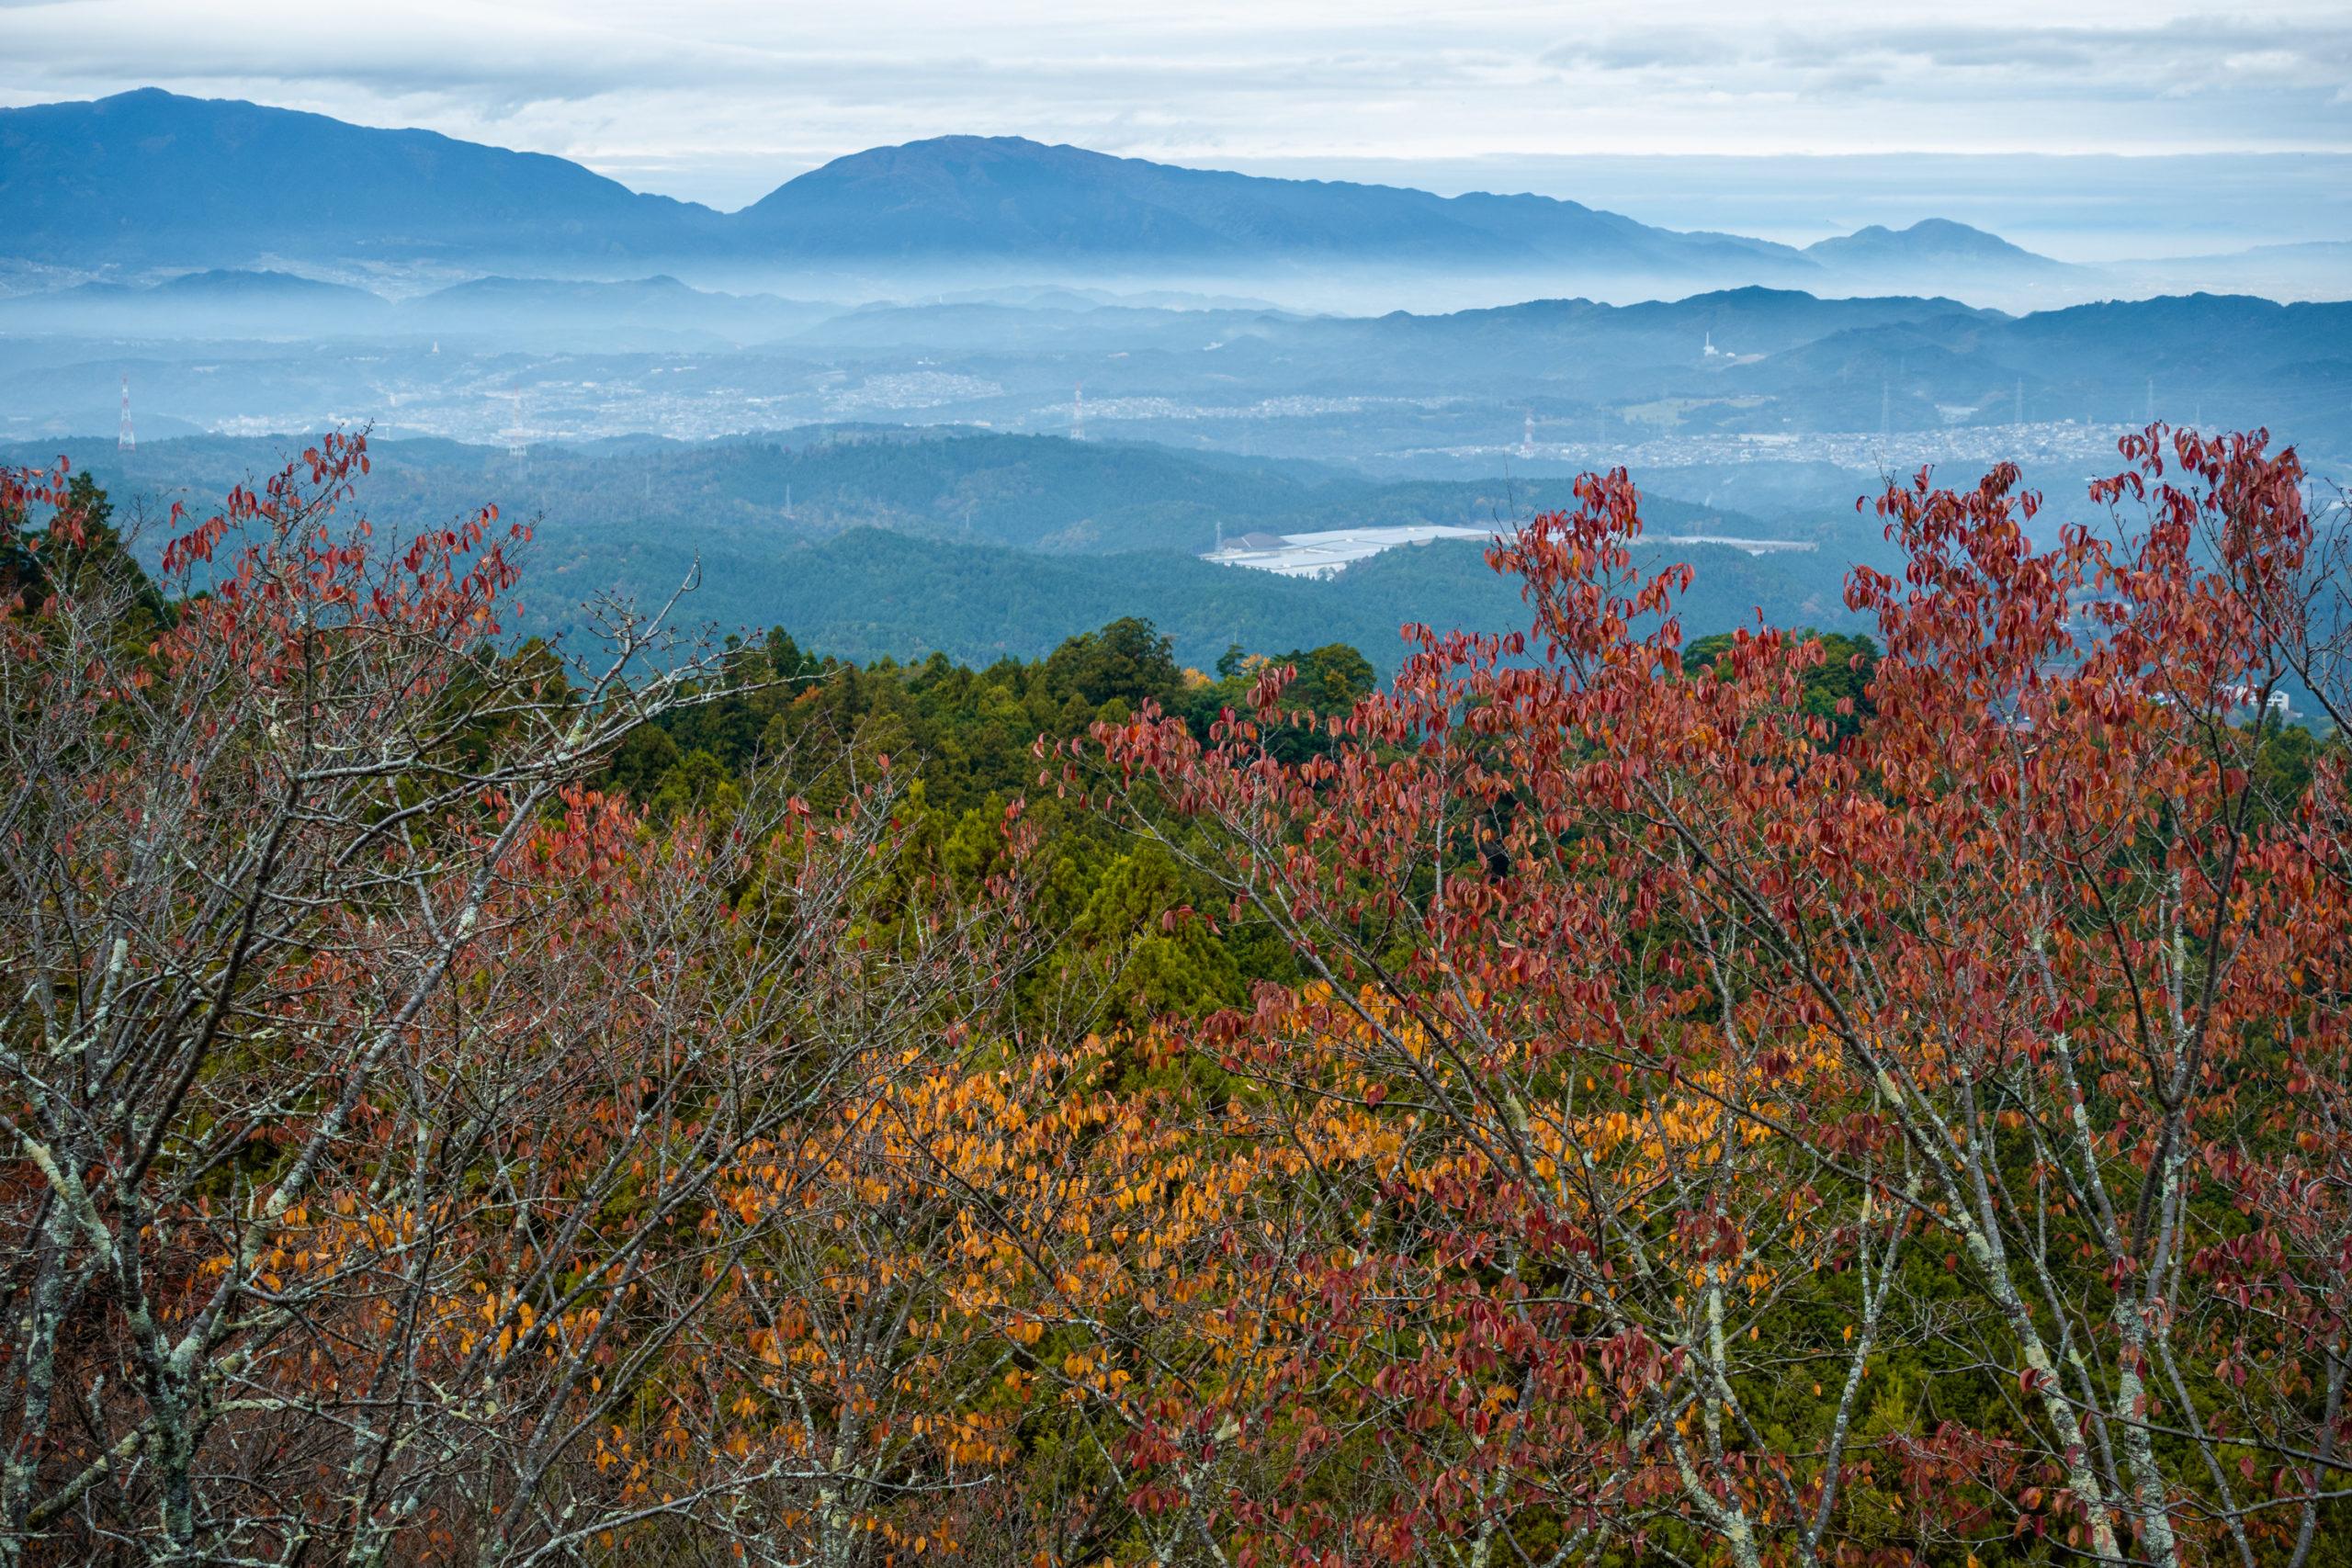 DSC00085-scaled 奈良県  吉野山(山が紅葉に染まる秋におすすめの絶景スポット! 撮影した写真の紹介、アクセス情報や駐車場情報など)